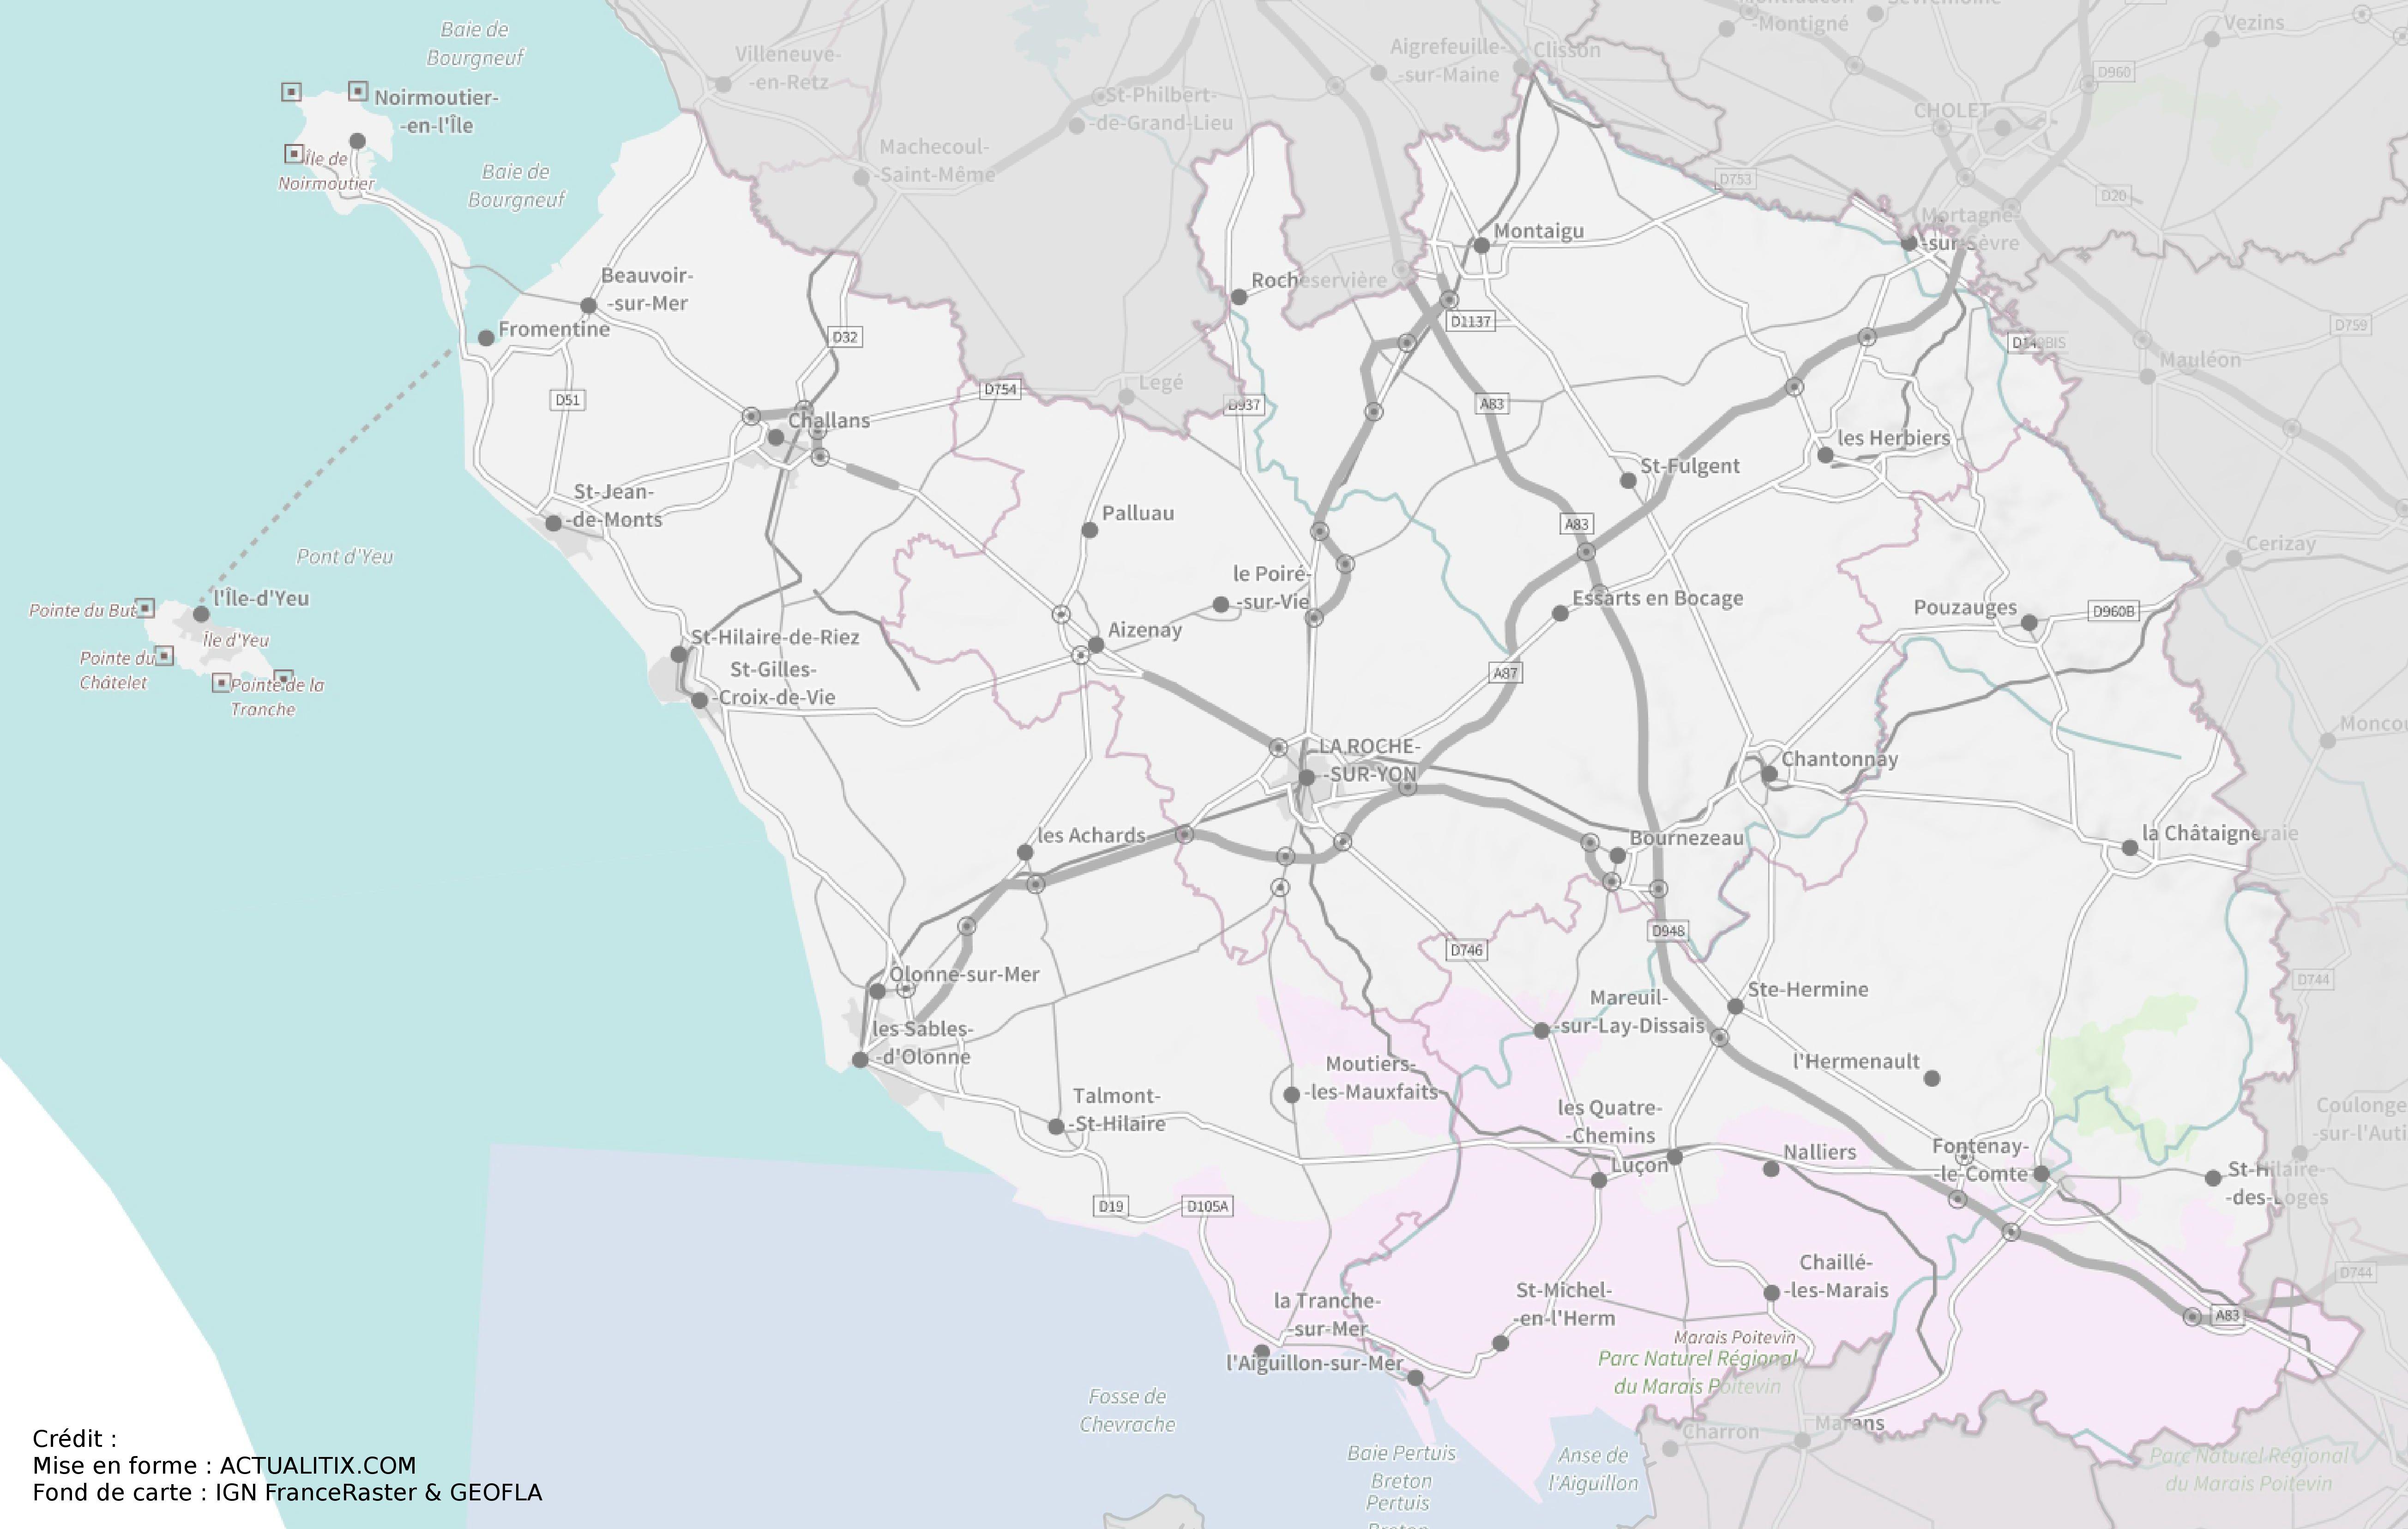 Carte De La Vendée Cartes Sur Les Villes Relief Sites Touristiques Littoral